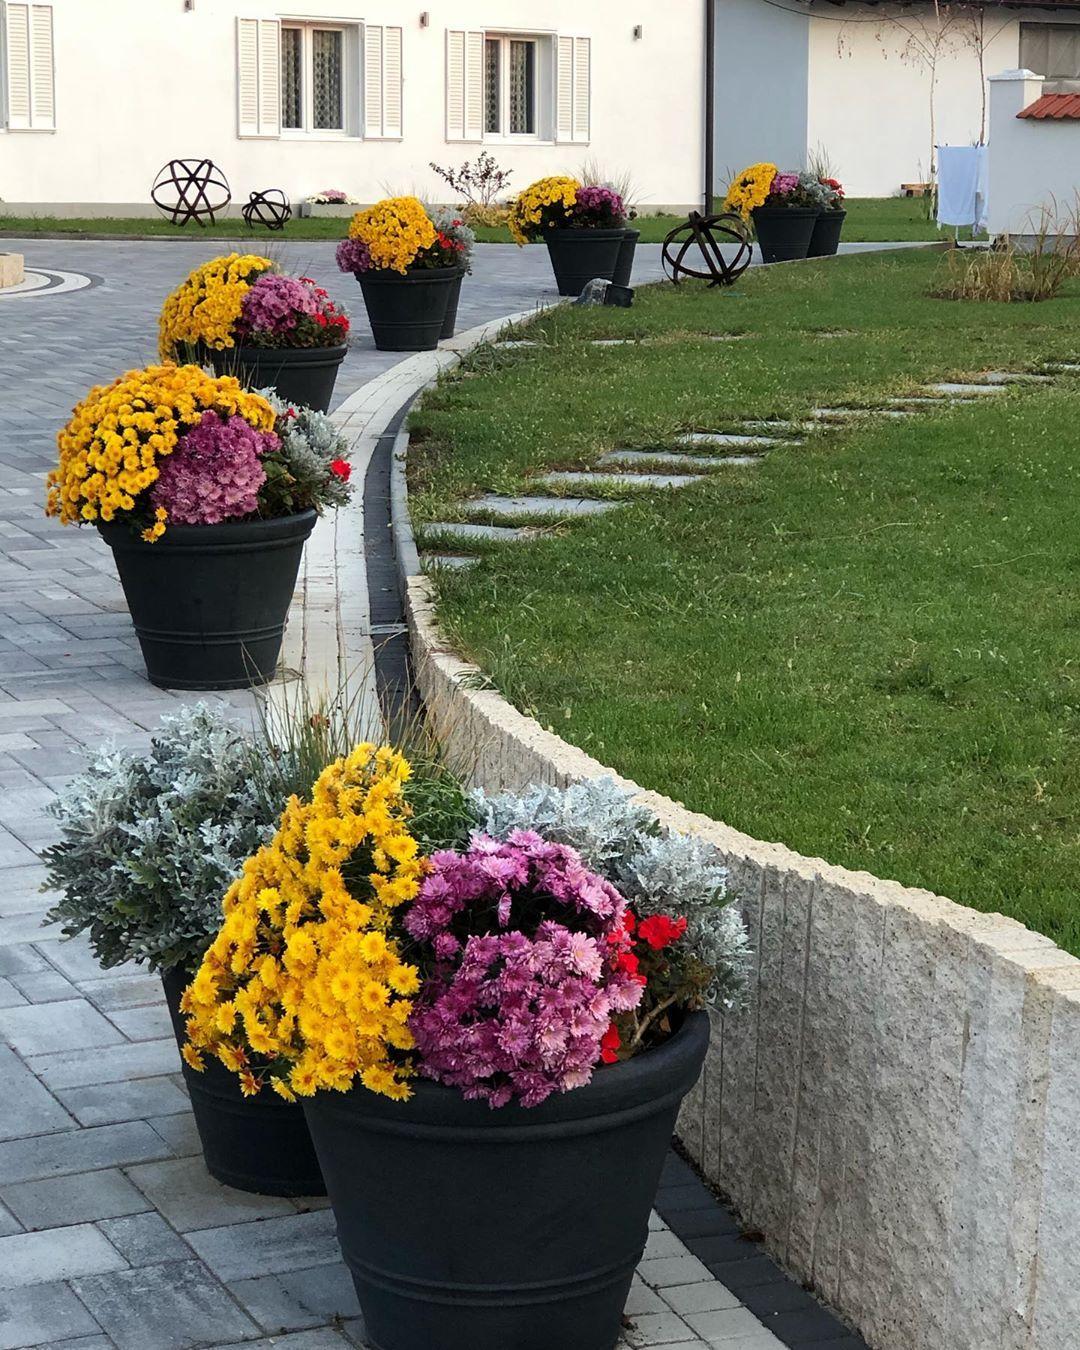 Blumen Blumendeko Garten Gartenzeit Gartenideen Gartenliebe Garden Gardens Gardening Gardendesign Flowers Flower Hri Garten Ideen Garten Gardening